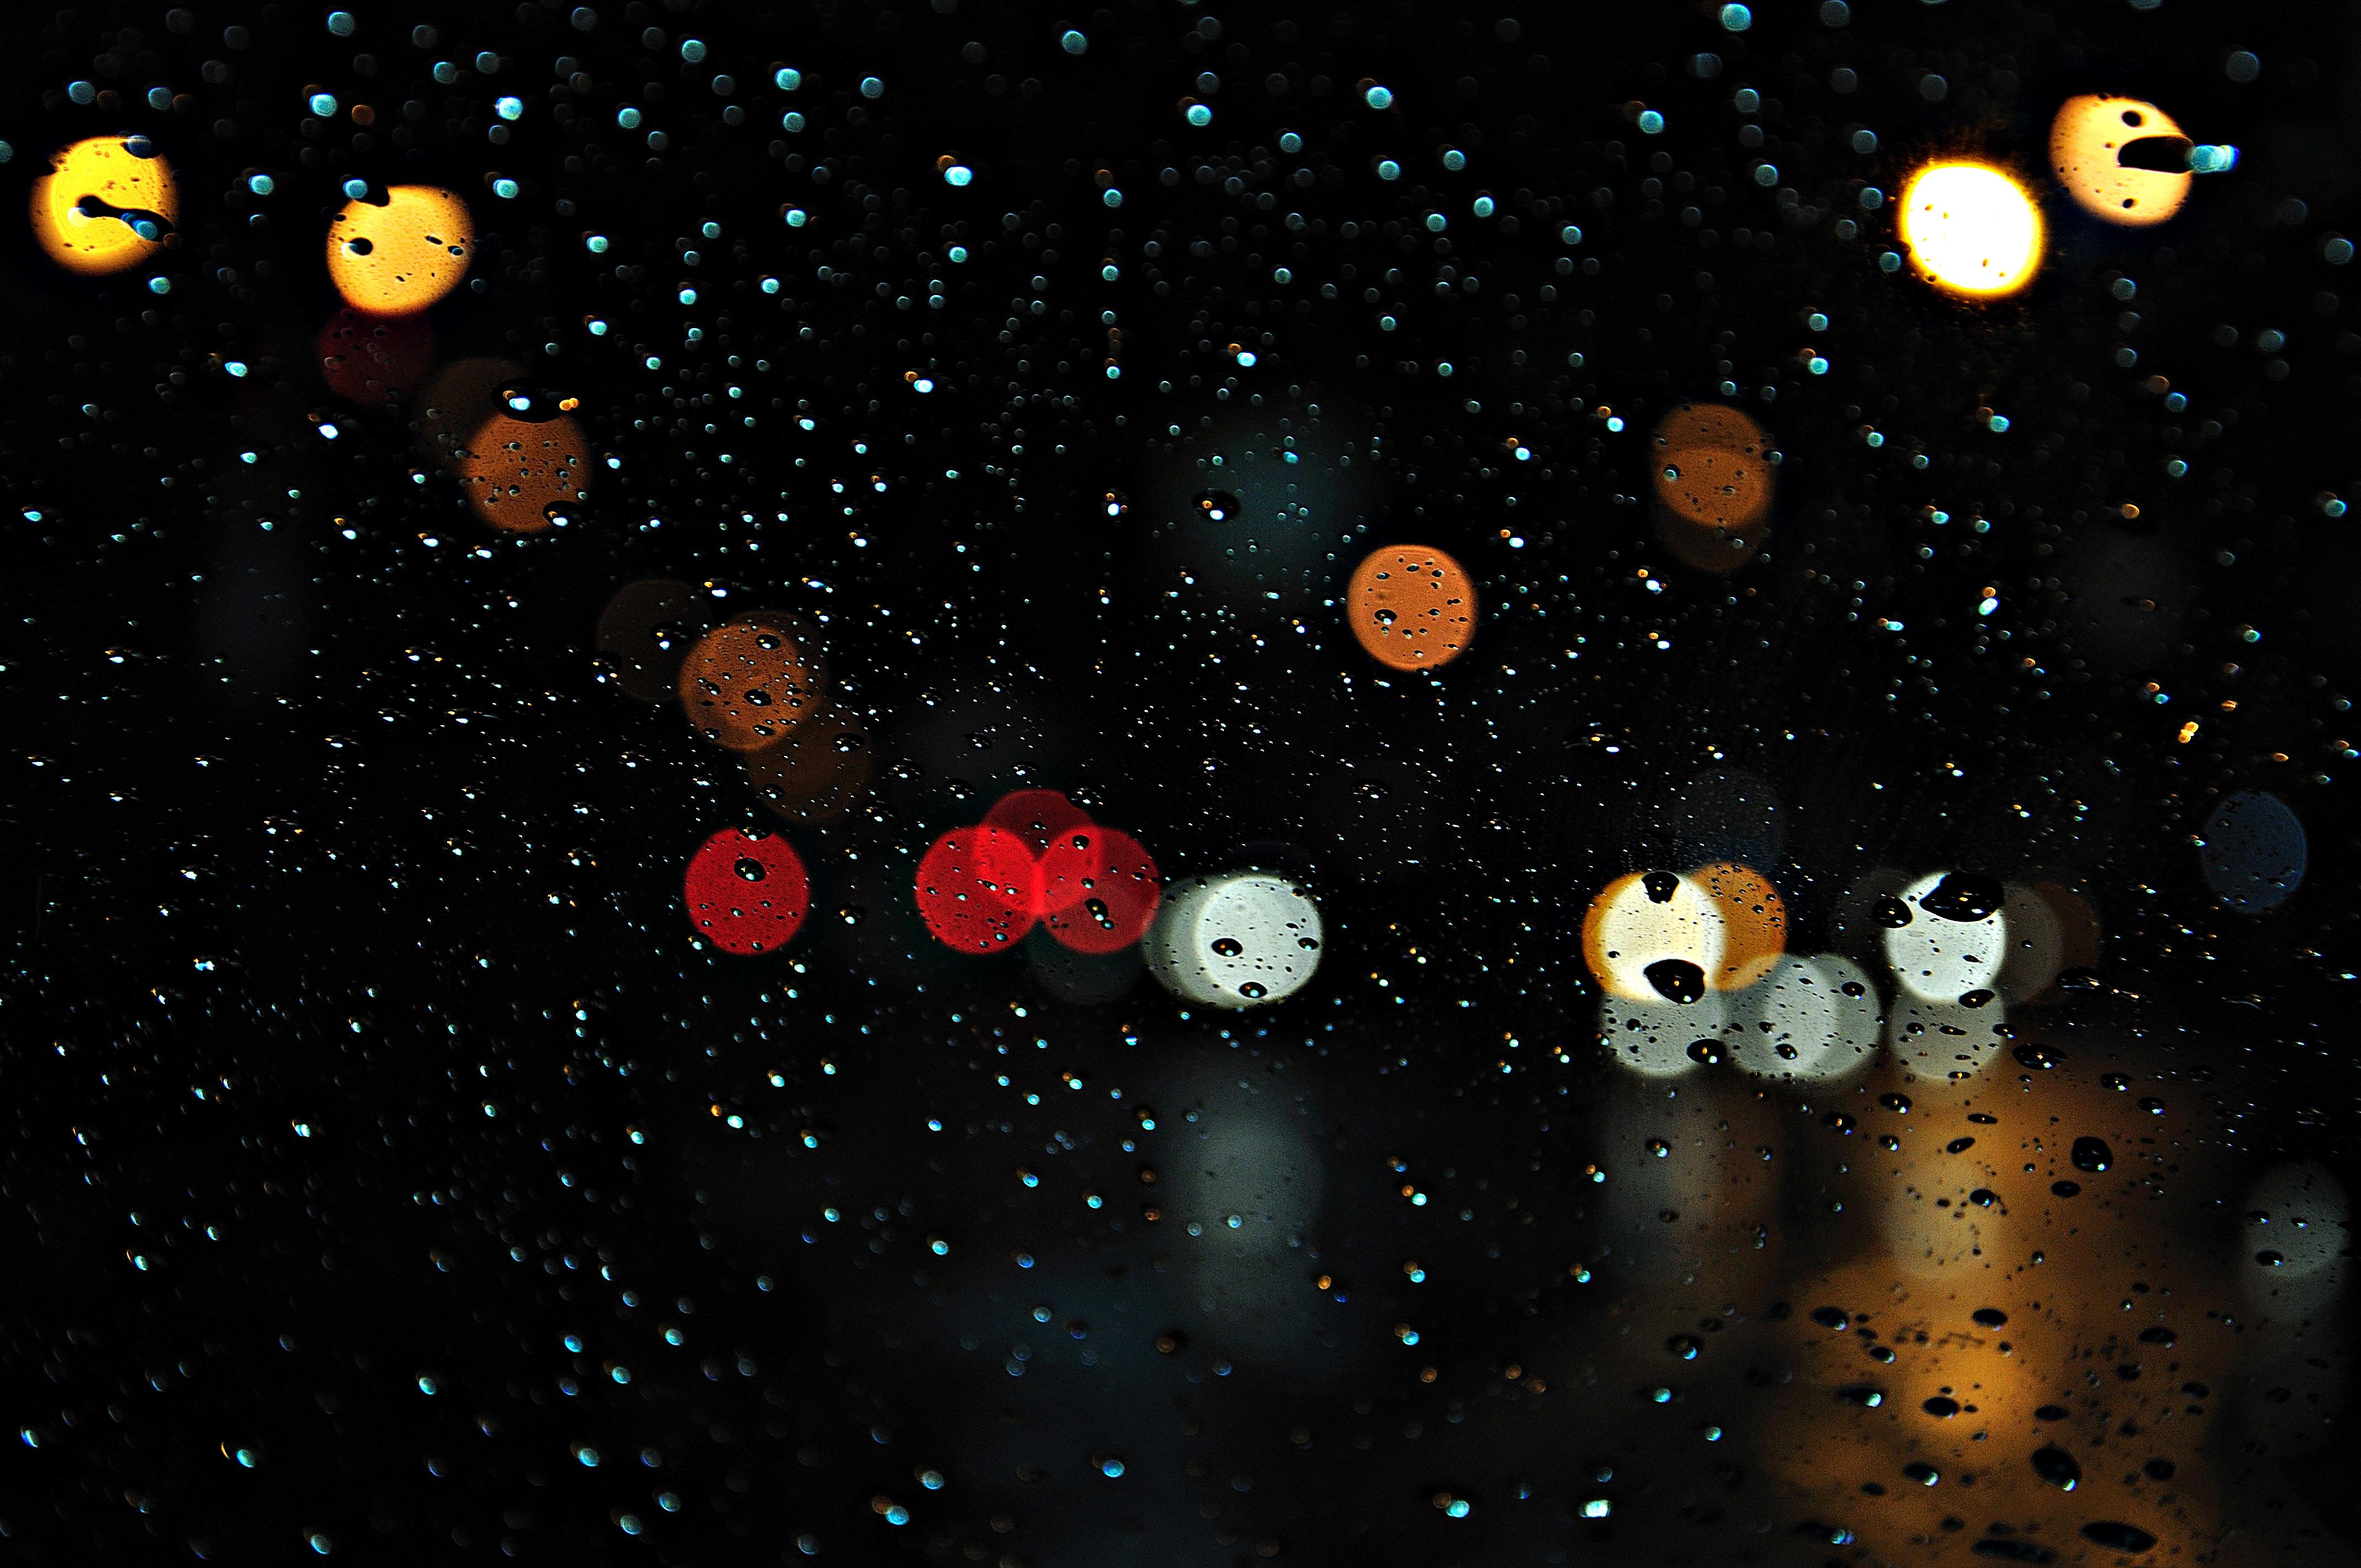 Heavy rain обои на рабочий стол 2